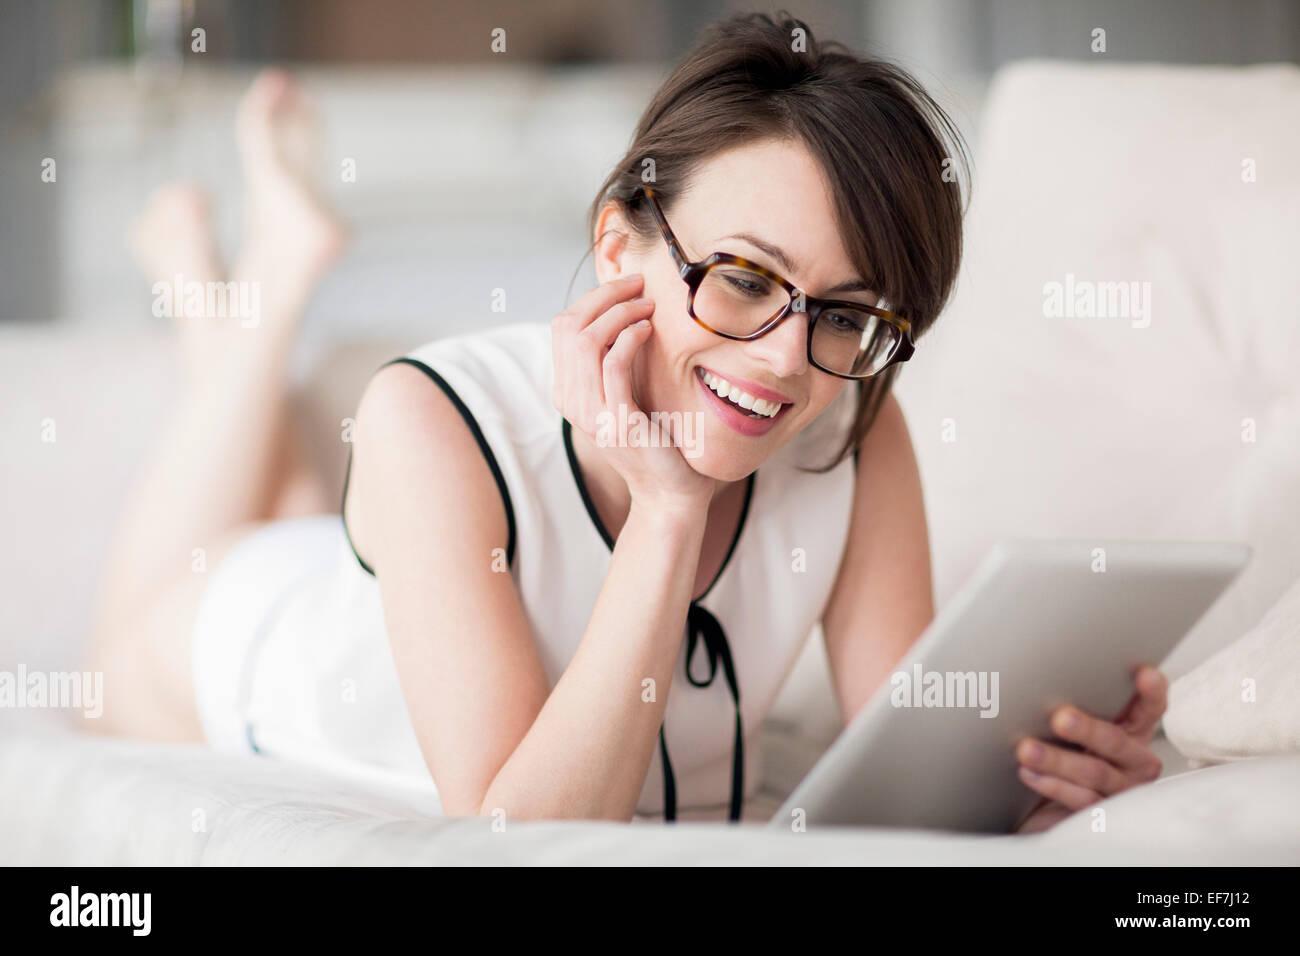 Mujer tumbado en la cama y mirando una tableta digital Imagen De Stock